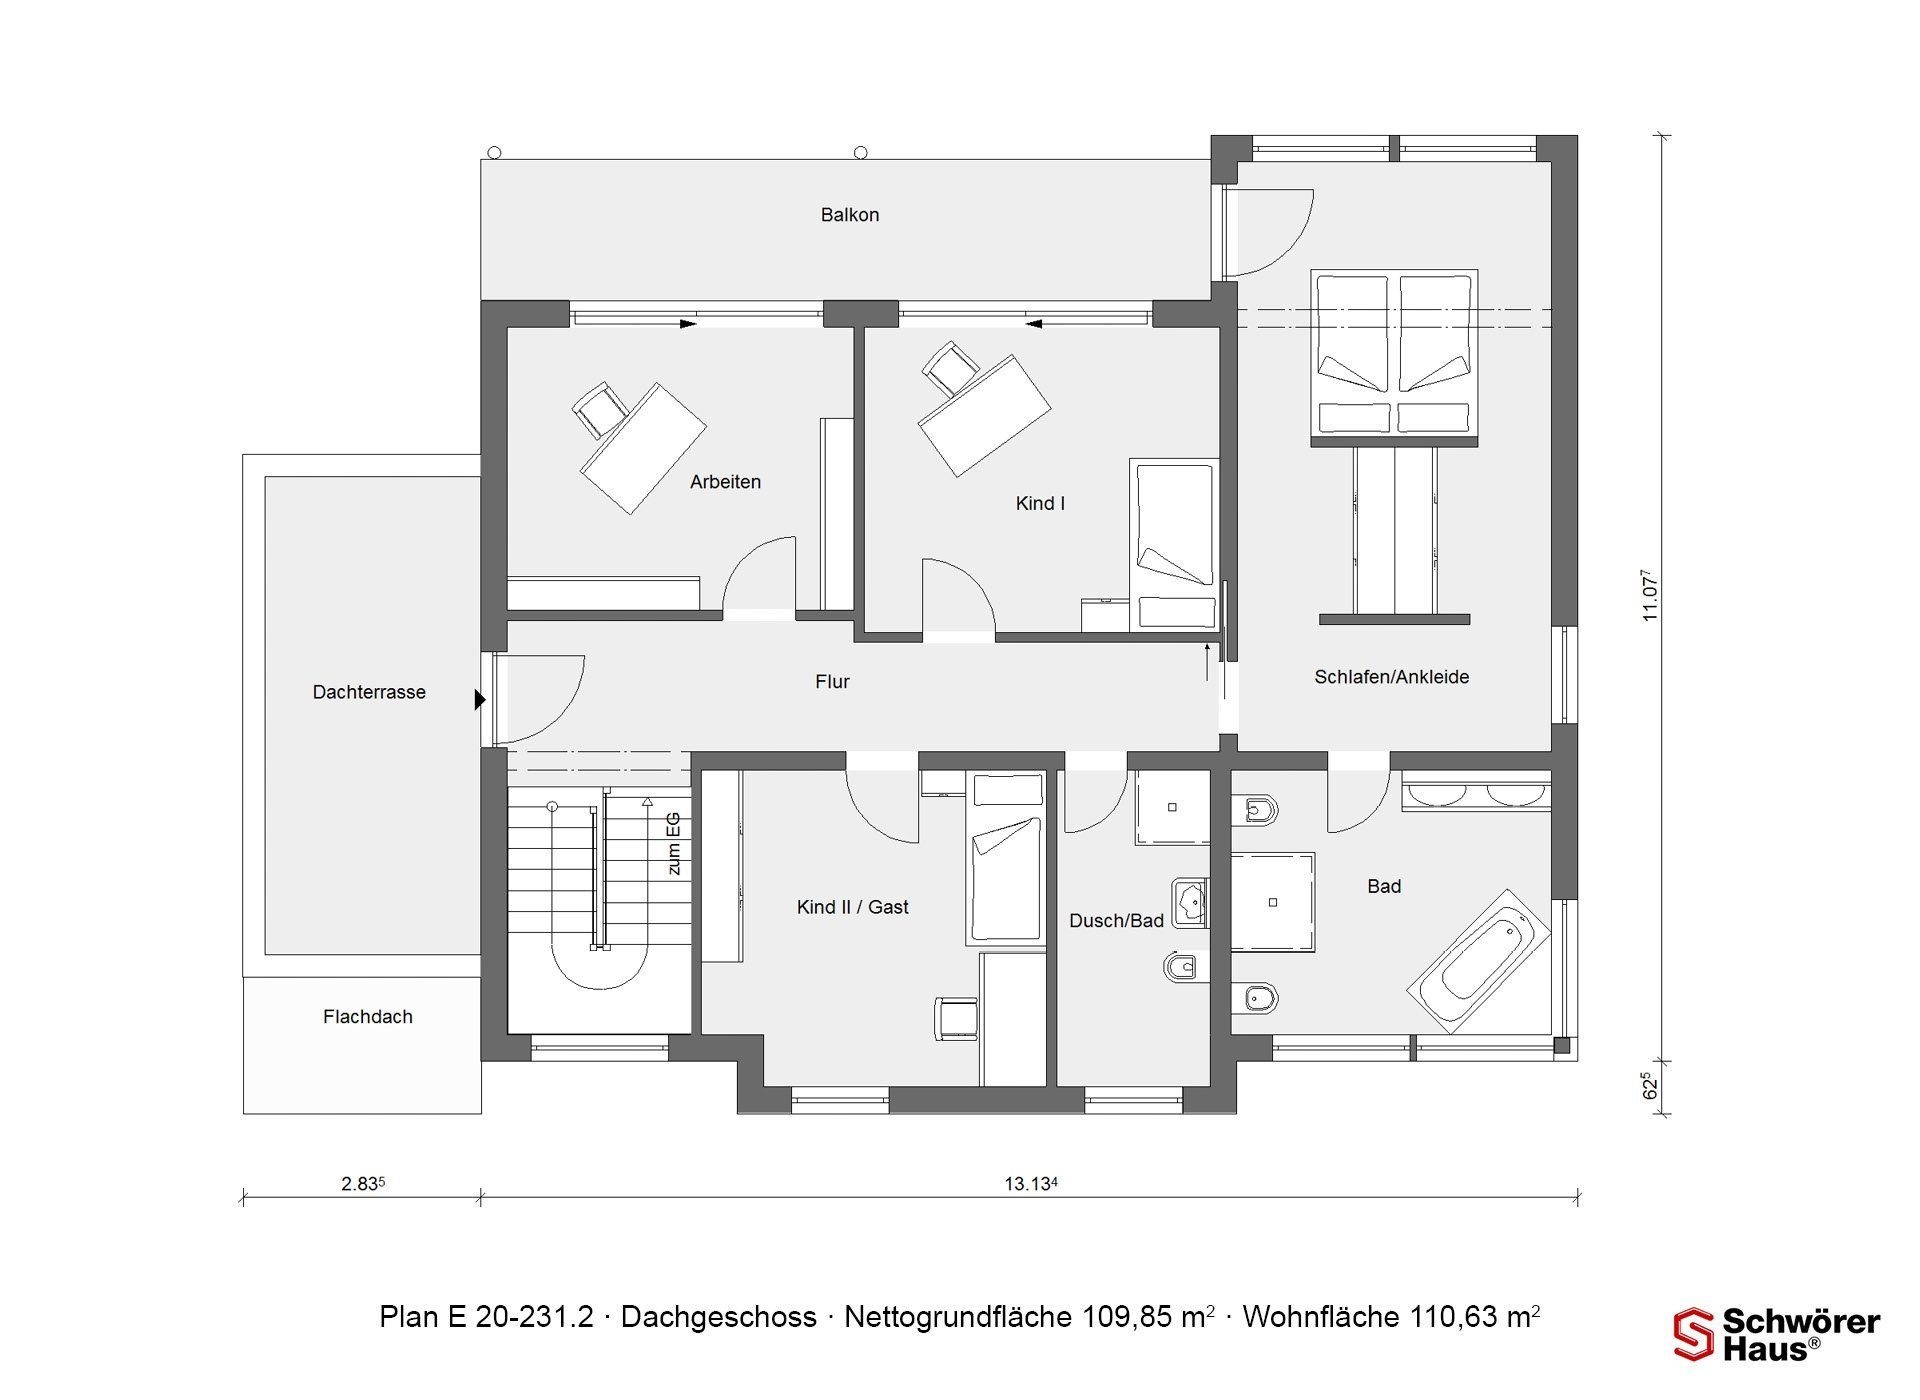 Modernes Z-Dach - Eine nahaufnahme von text auf einem weißen hintergrund - Gebäudeplan